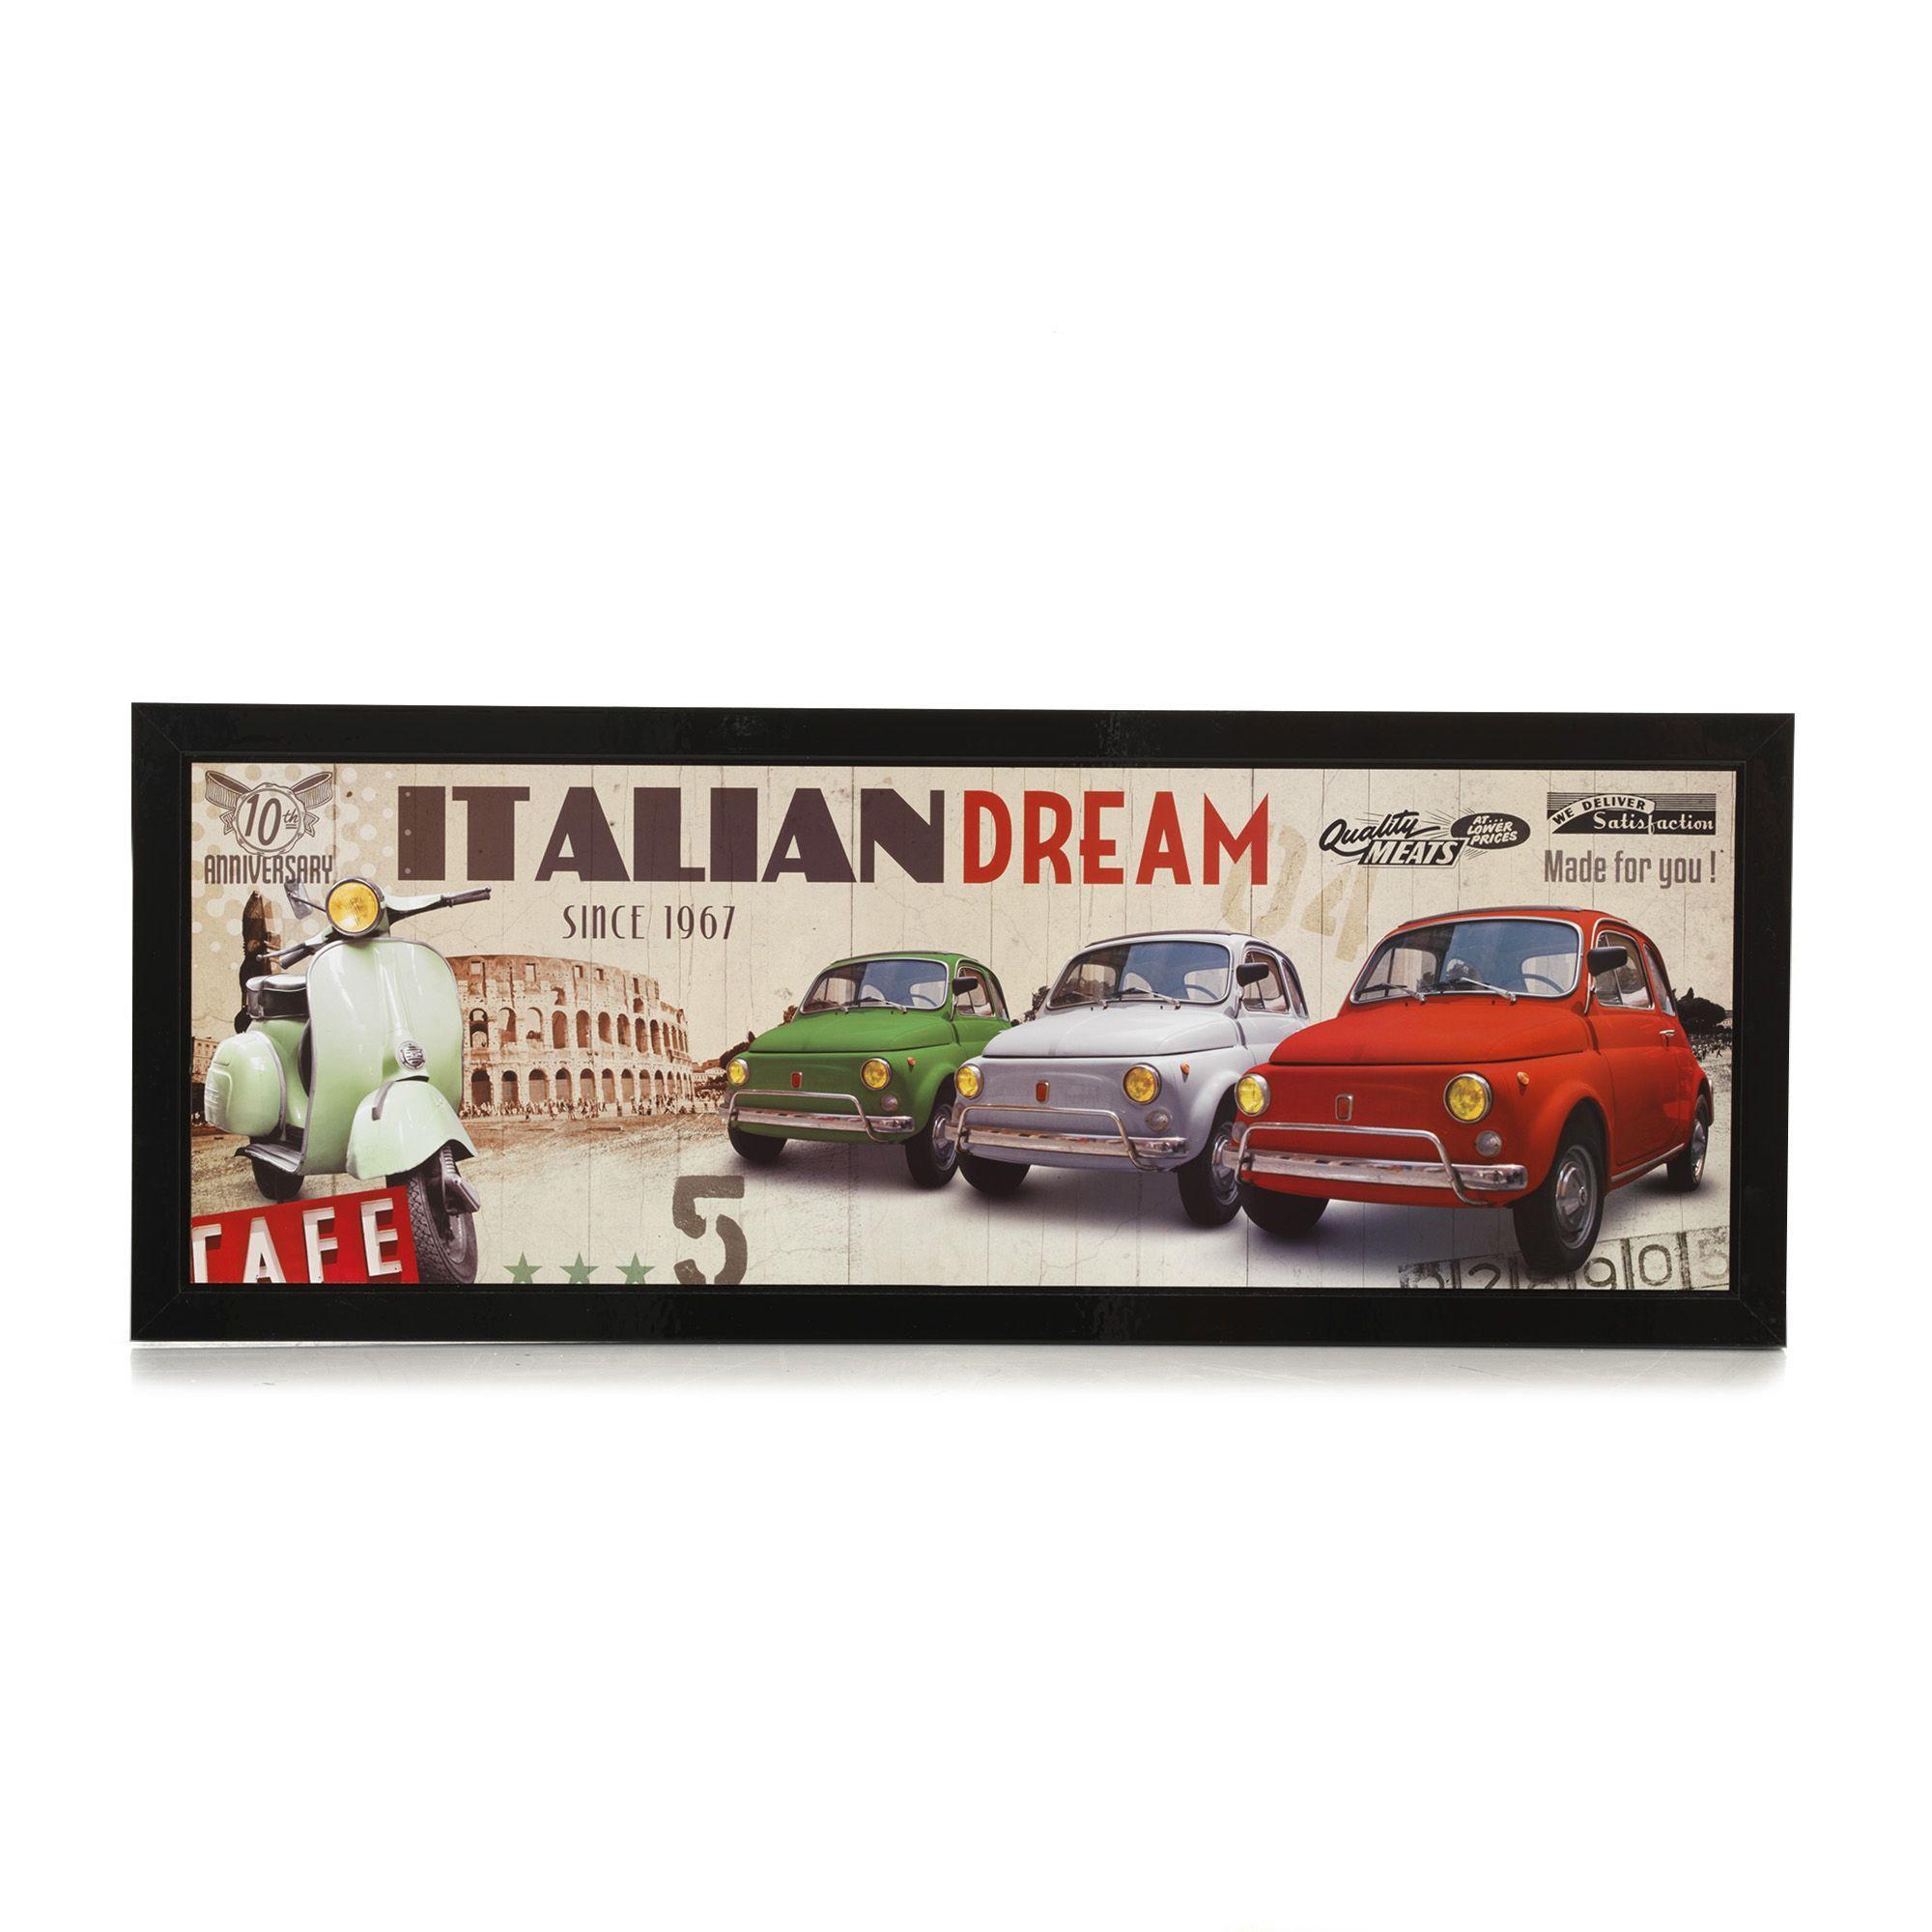 Affiche encadrée Italian Dream - Affiches et déco murale - Alinea